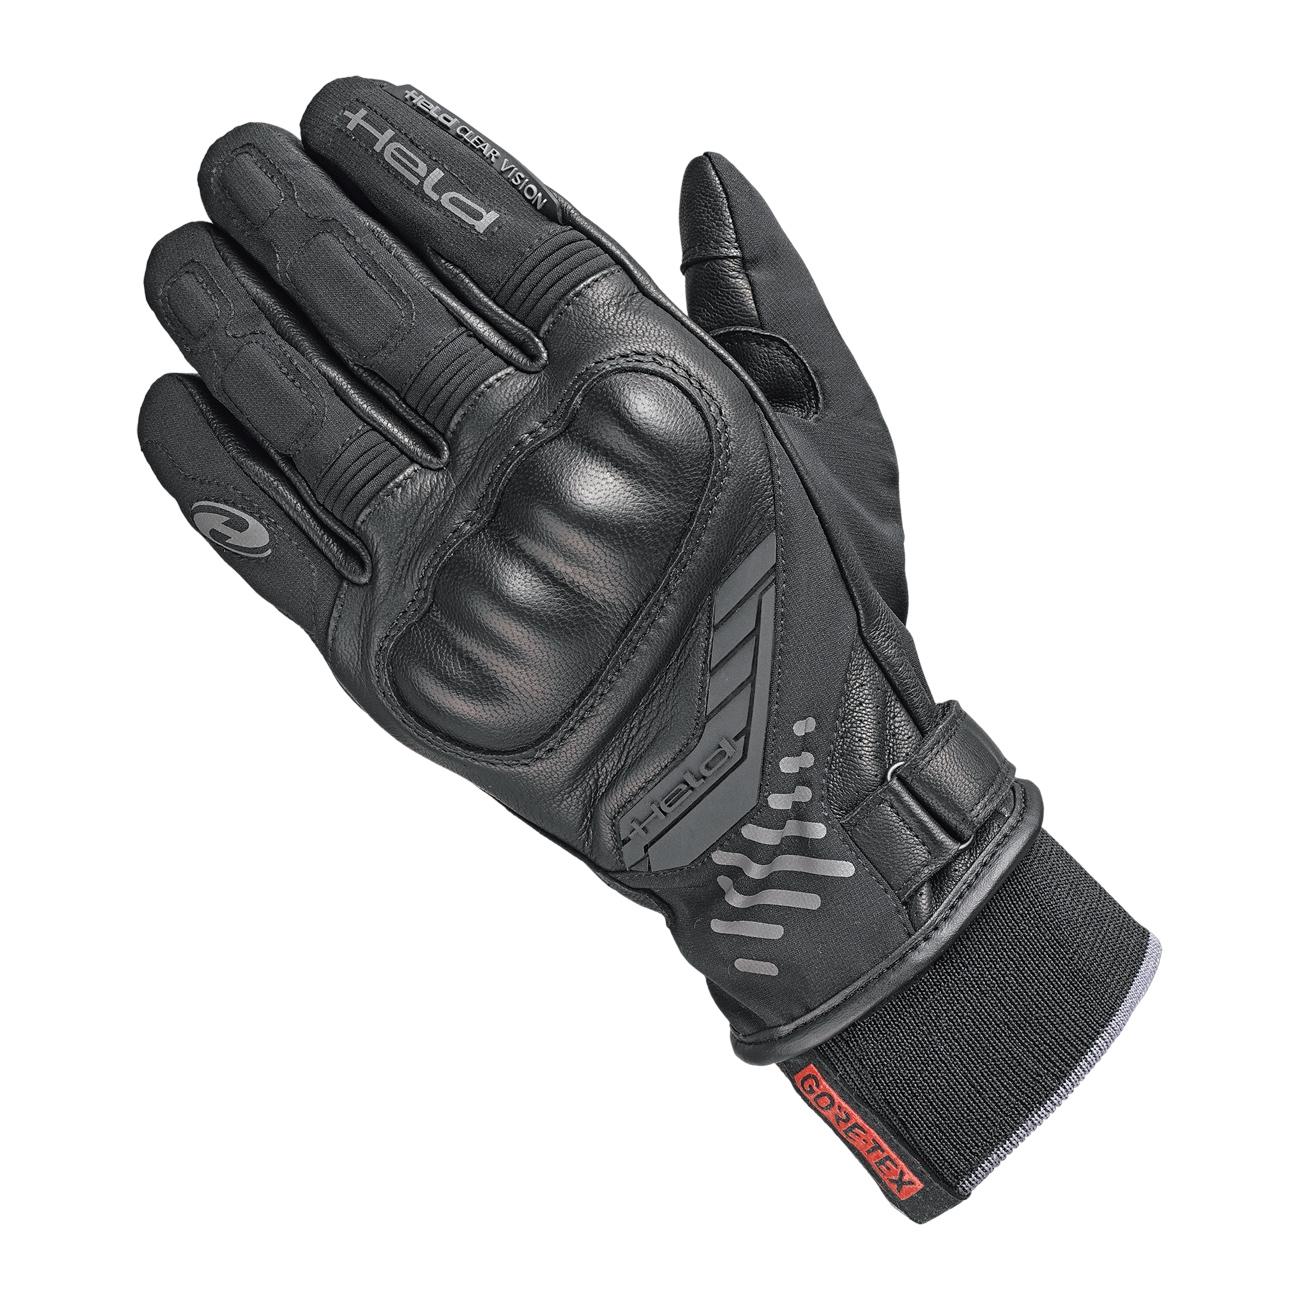 Gants Held Madoc noir - 8